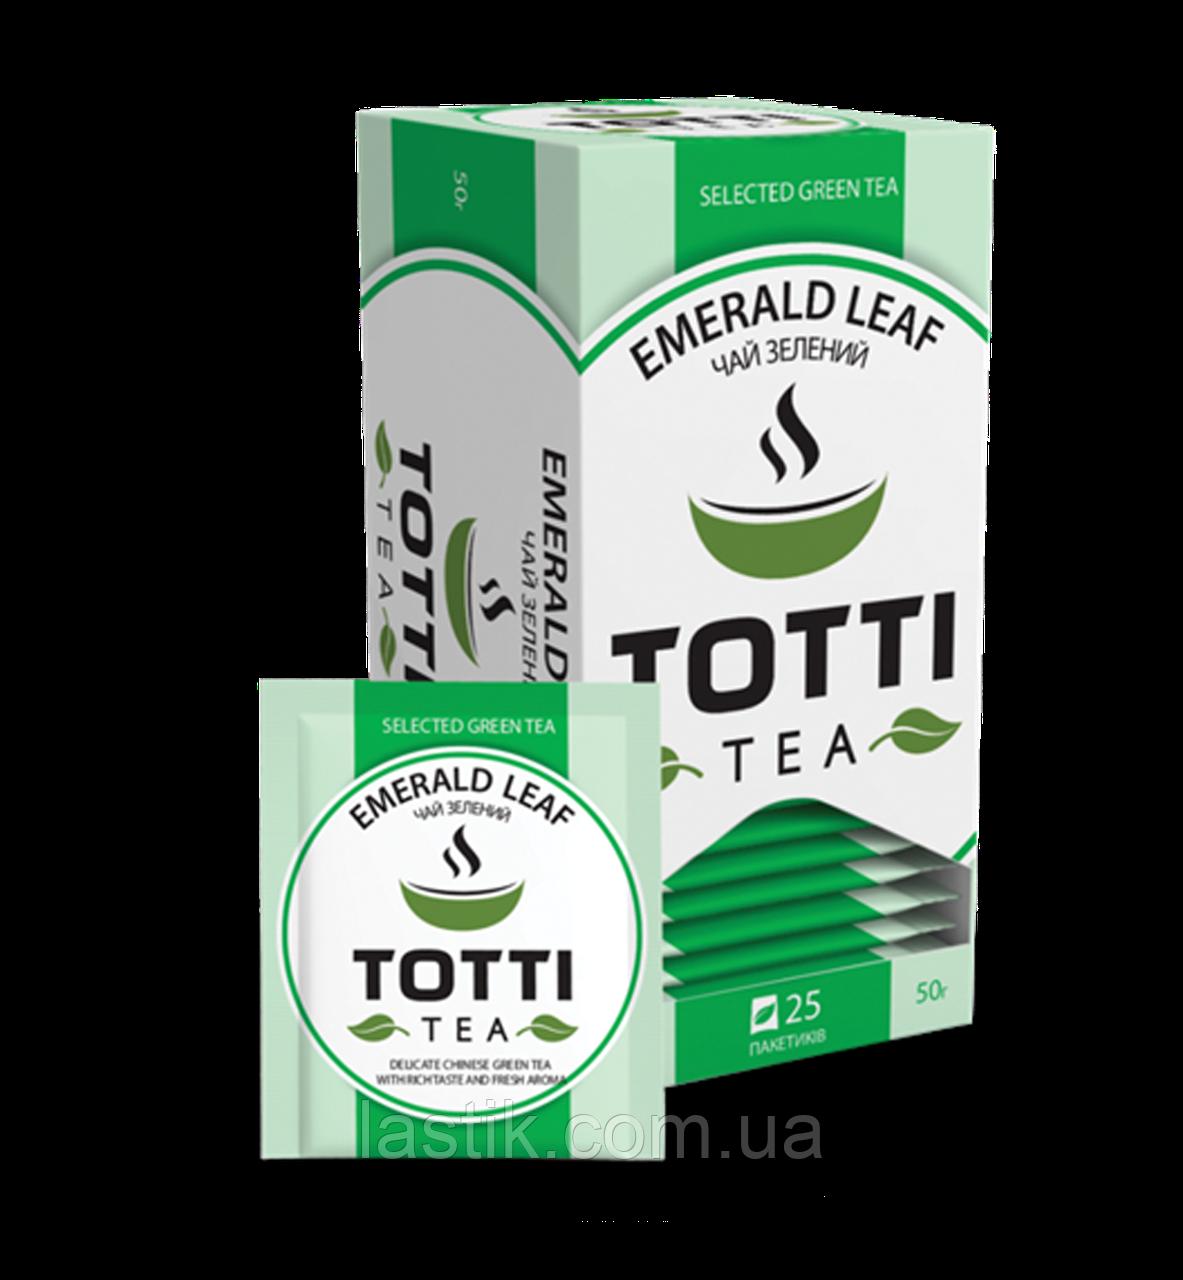 /Чай зеленый 2г*25*32 пакетированный Изумрудный лист TOTTI Tea